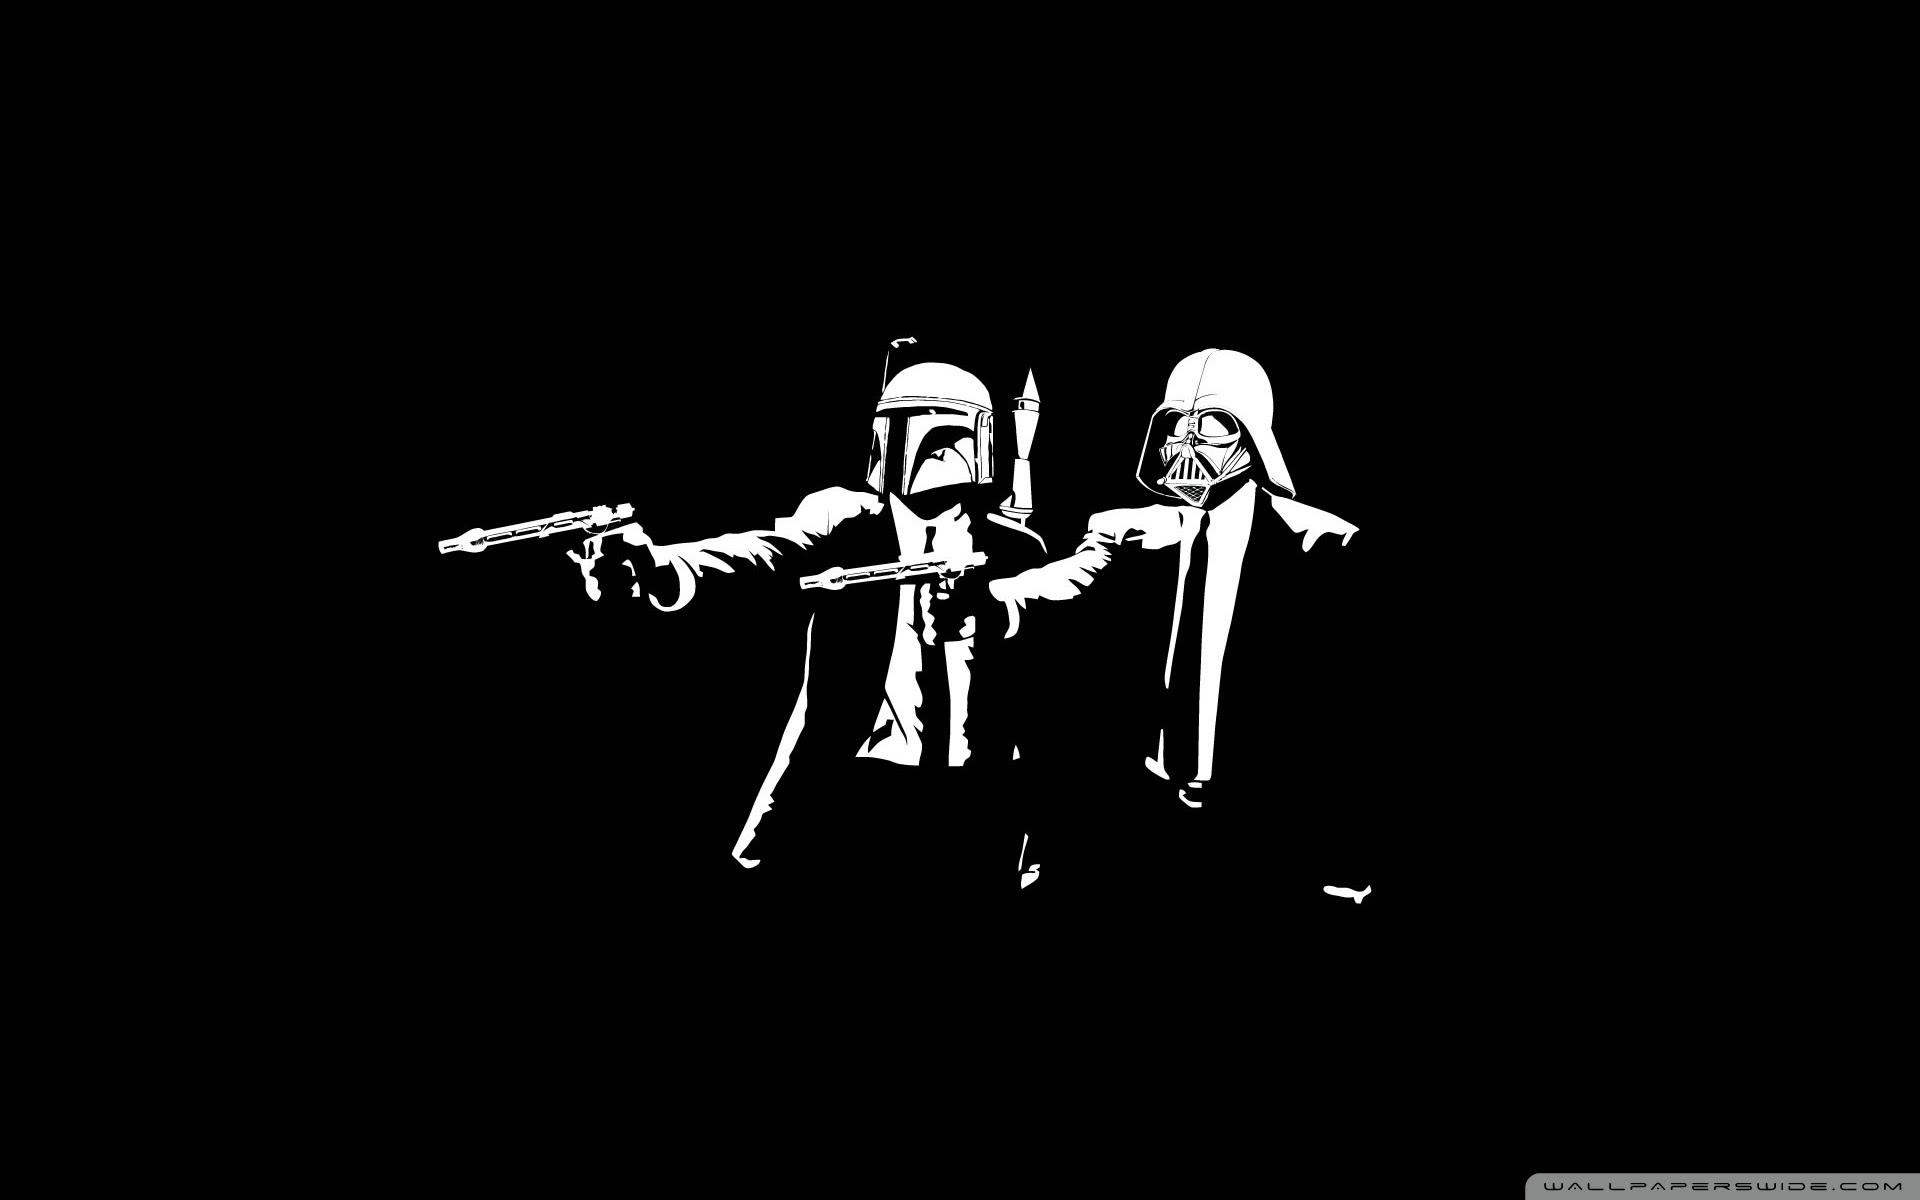 Star Wars Wallpaper 1920x1200 43416